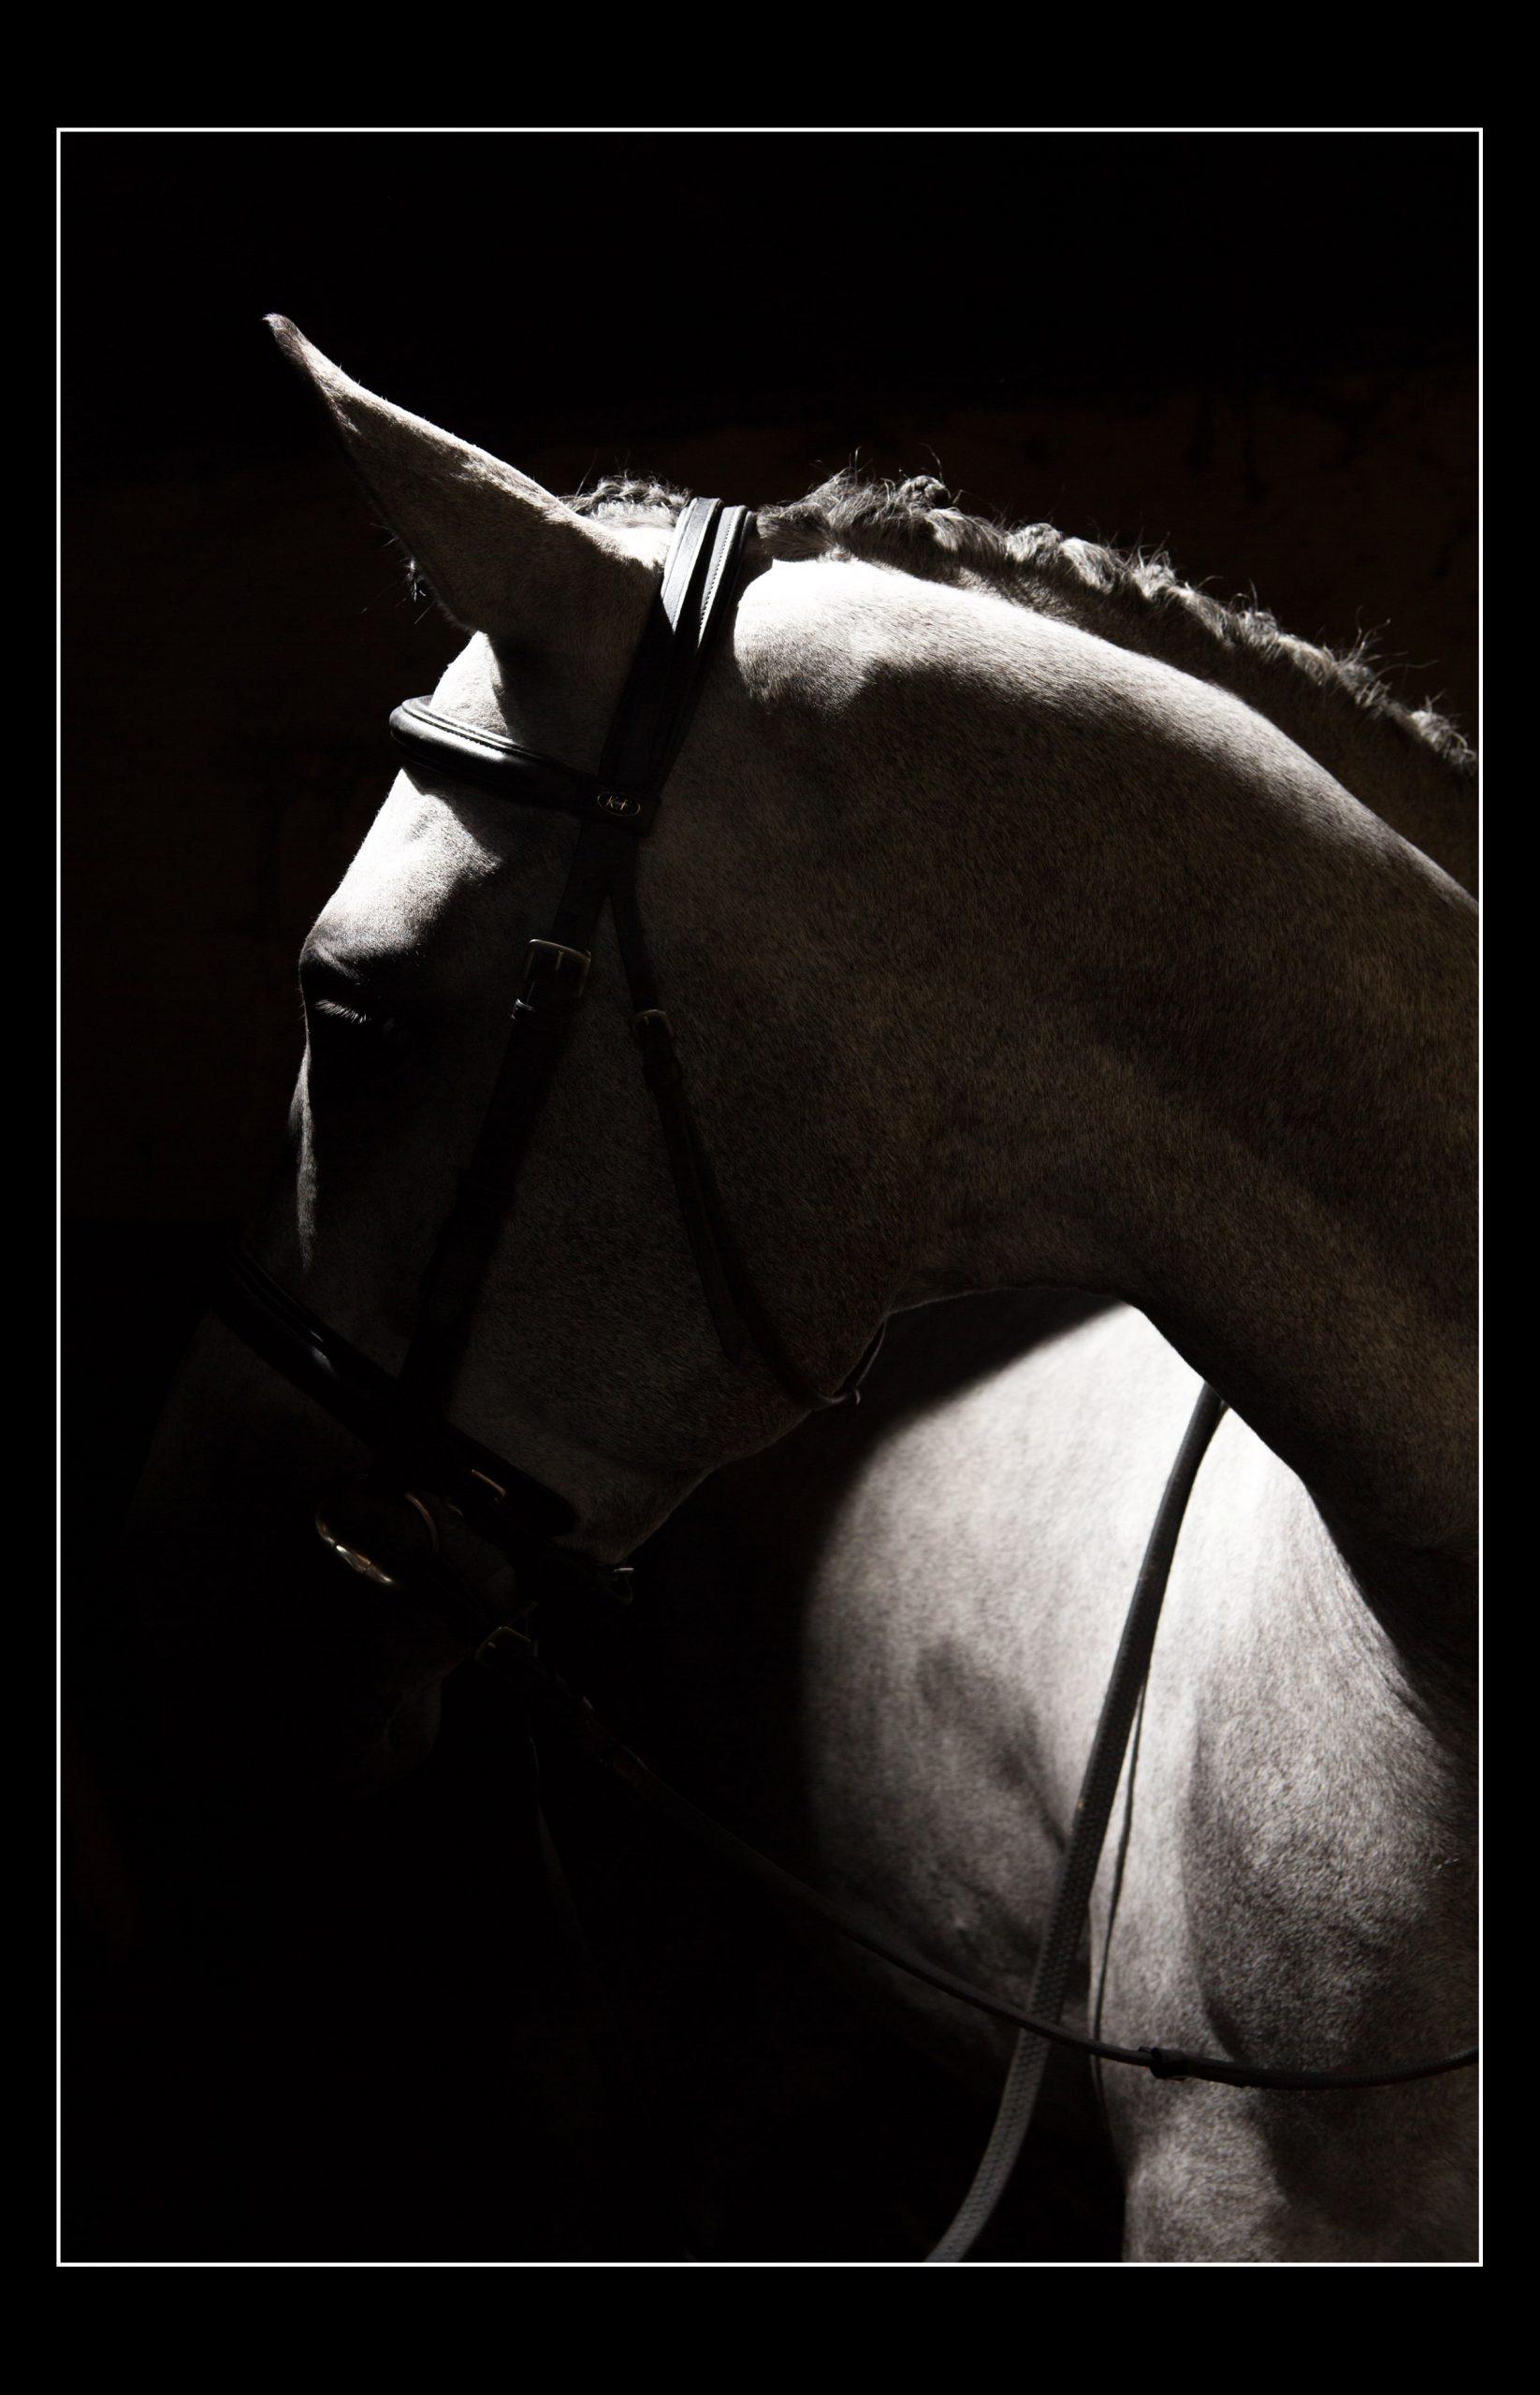 horse_portrait_equine_070-min